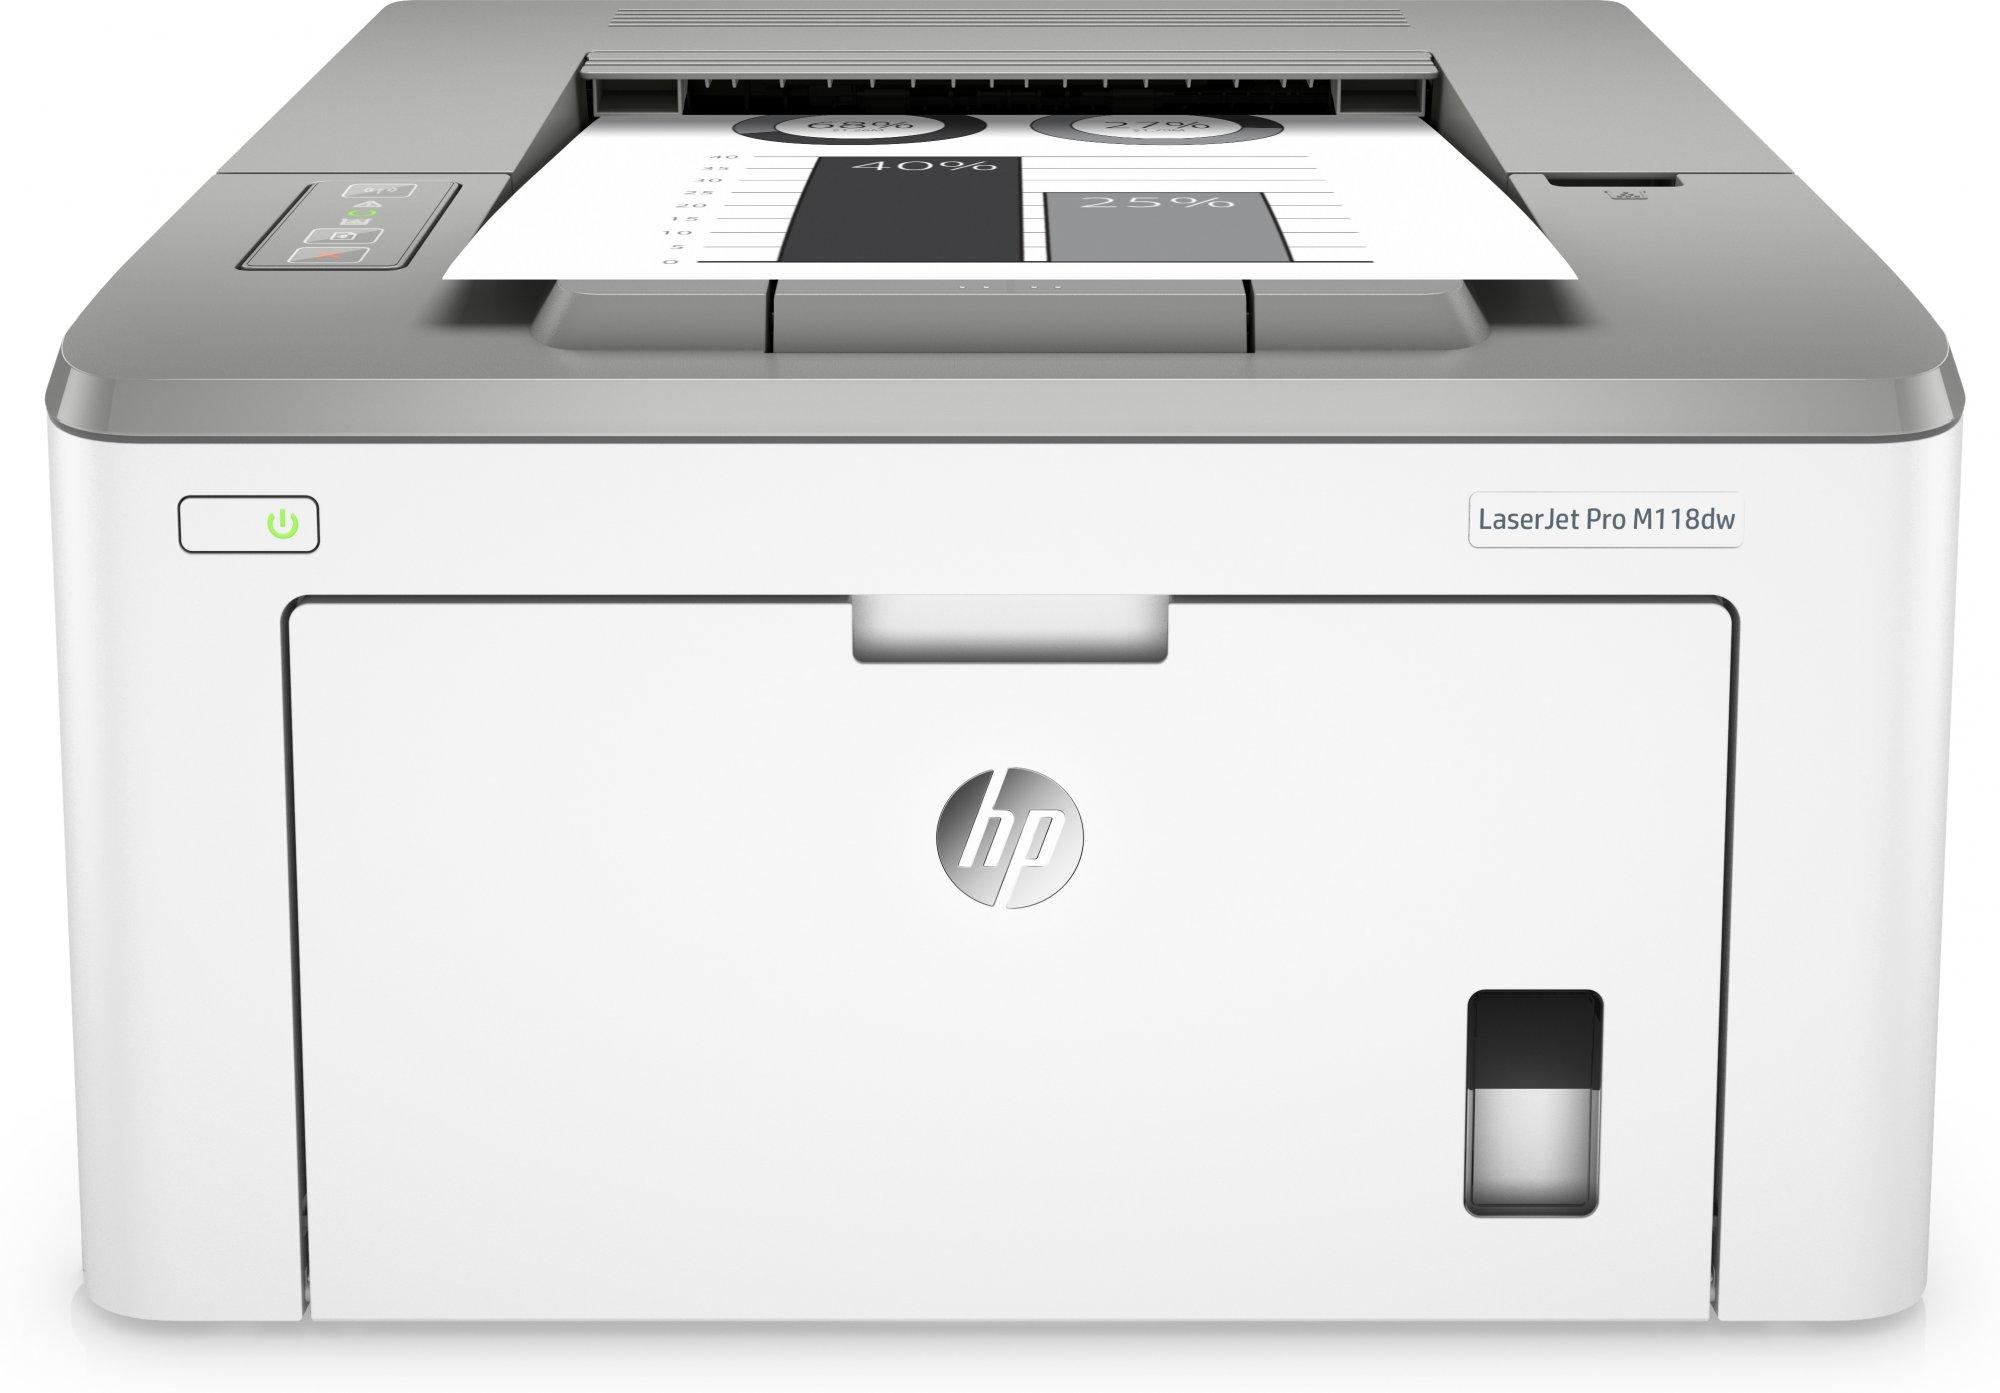 HP Stampante LaserJet Pro M118dw ^